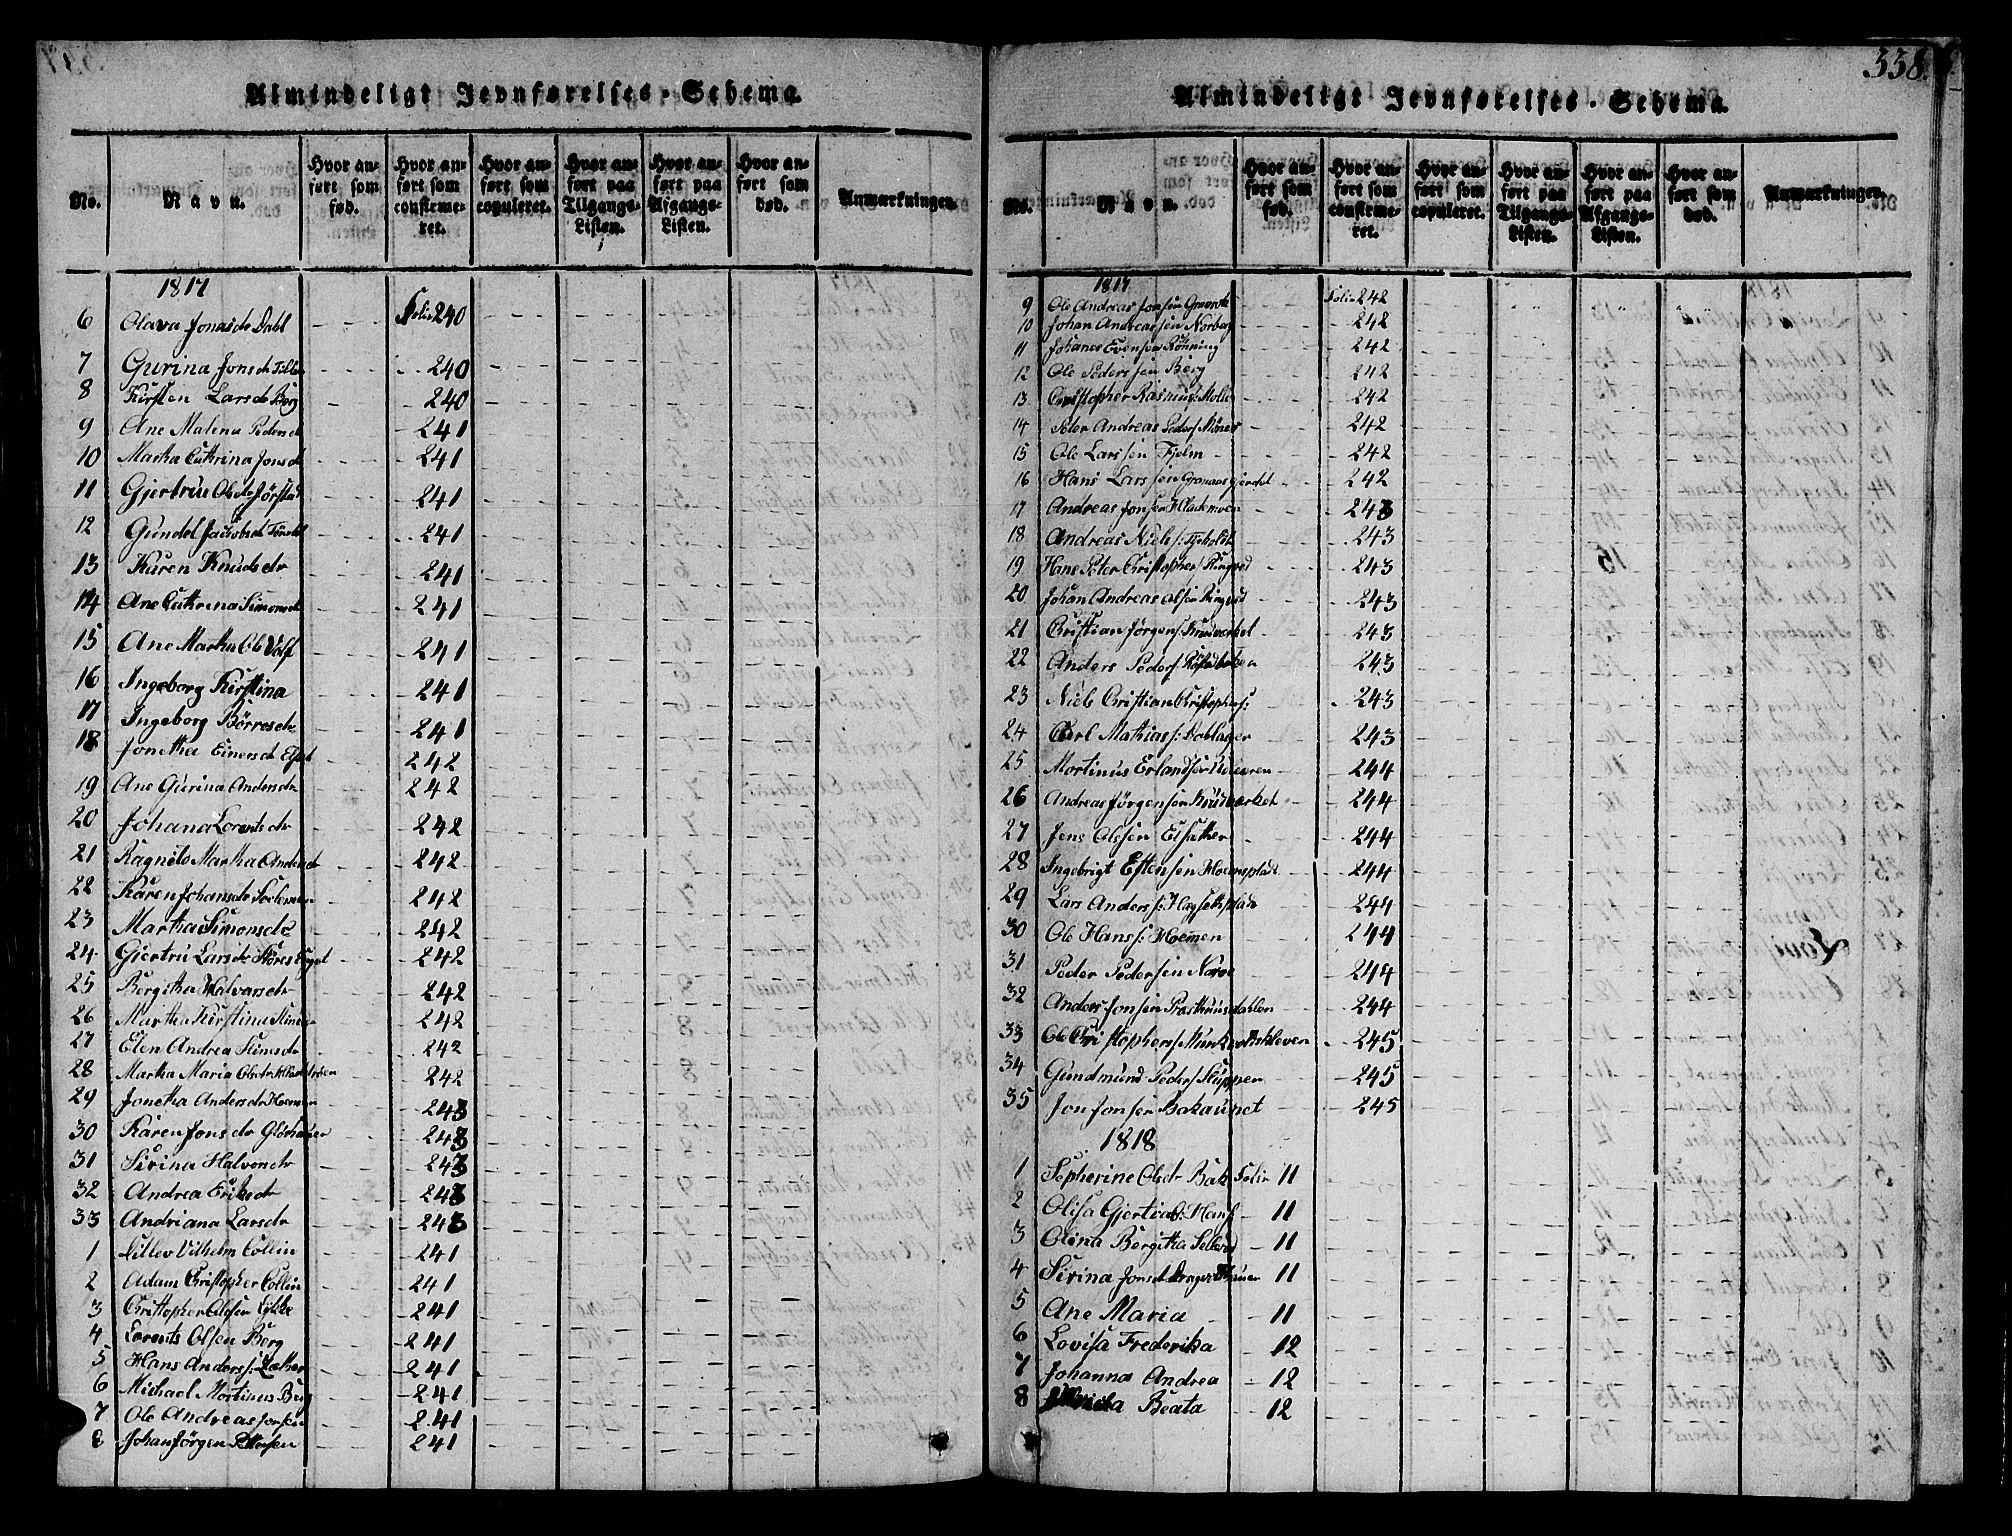 SAT, Ministerialprotokoller, klokkerbøker og fødselsregistre - Sør-Trøndelag, 606/L0307: Klokkerbok nr. 606C03, 1817-1824, s. 338